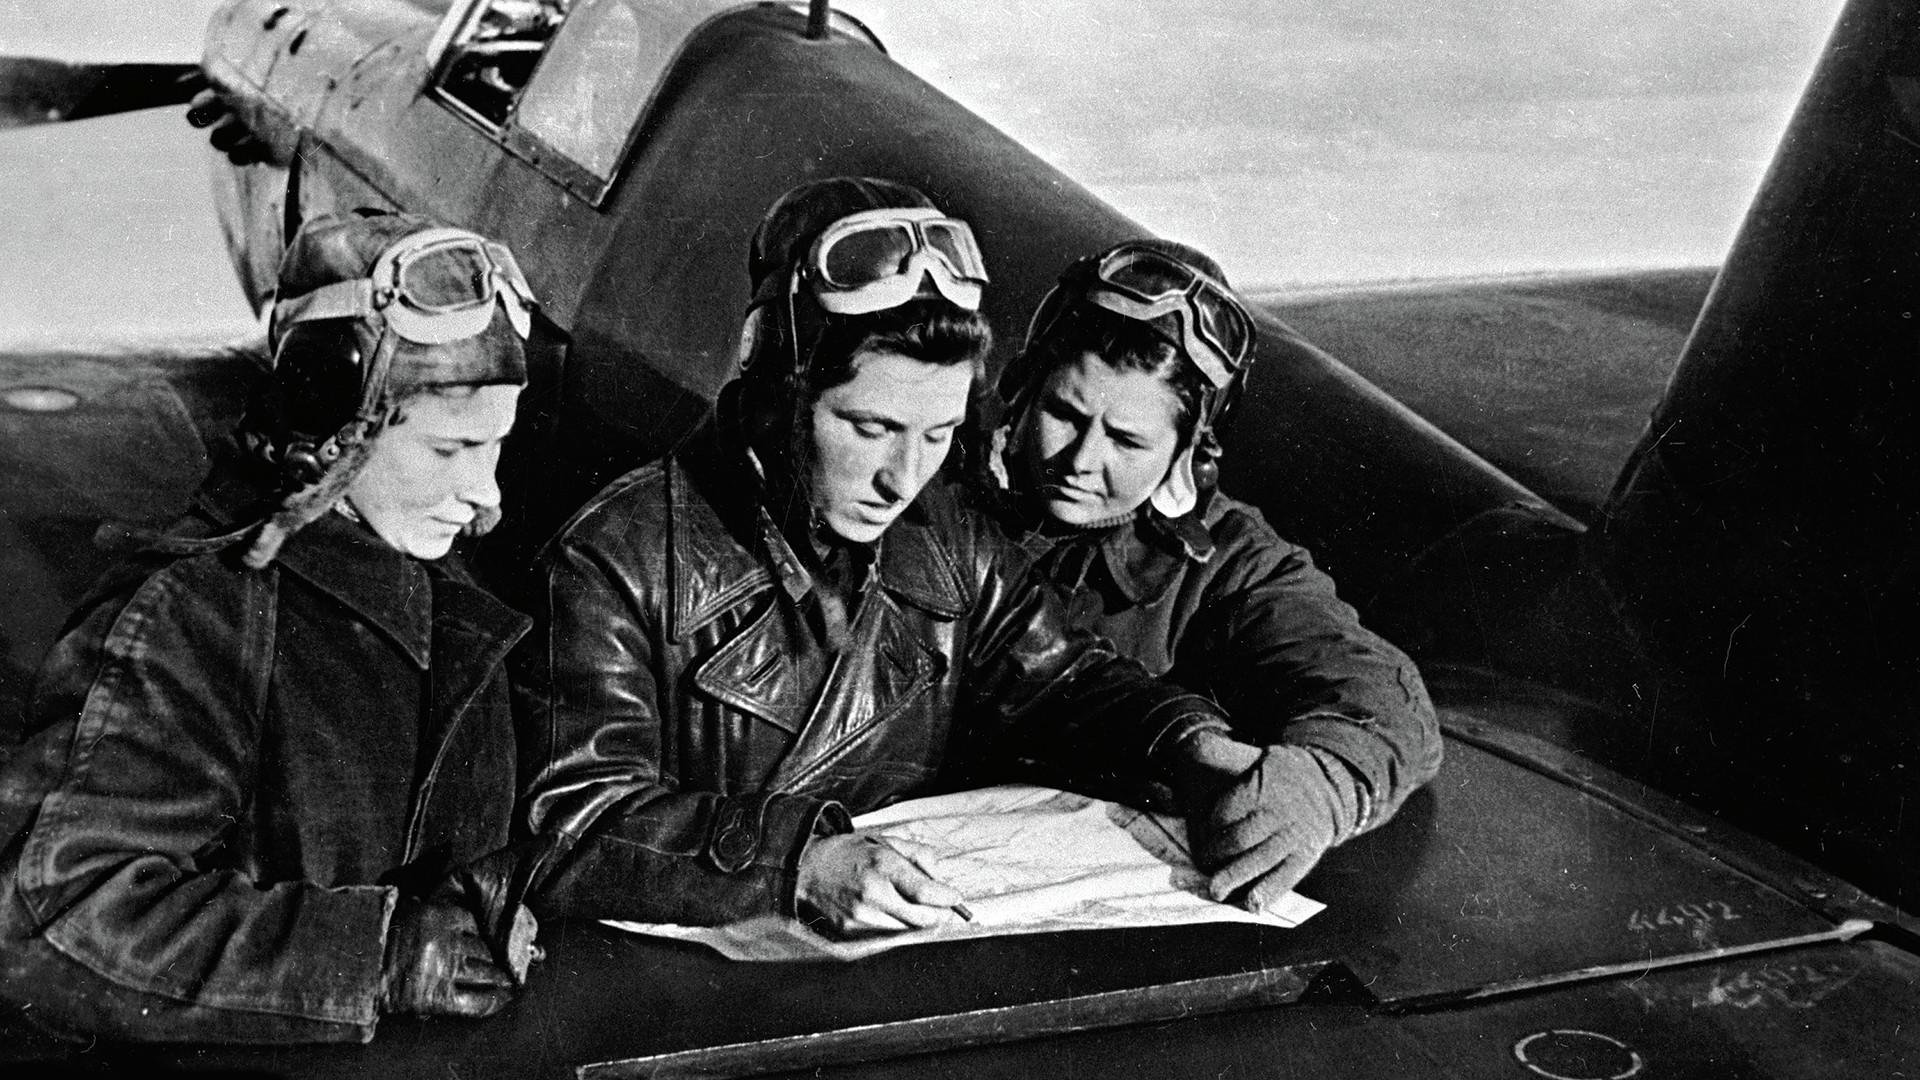 Лидија Литвјак, Екатерина Буданова и Марија Кузњецова пред авионот Јак-1